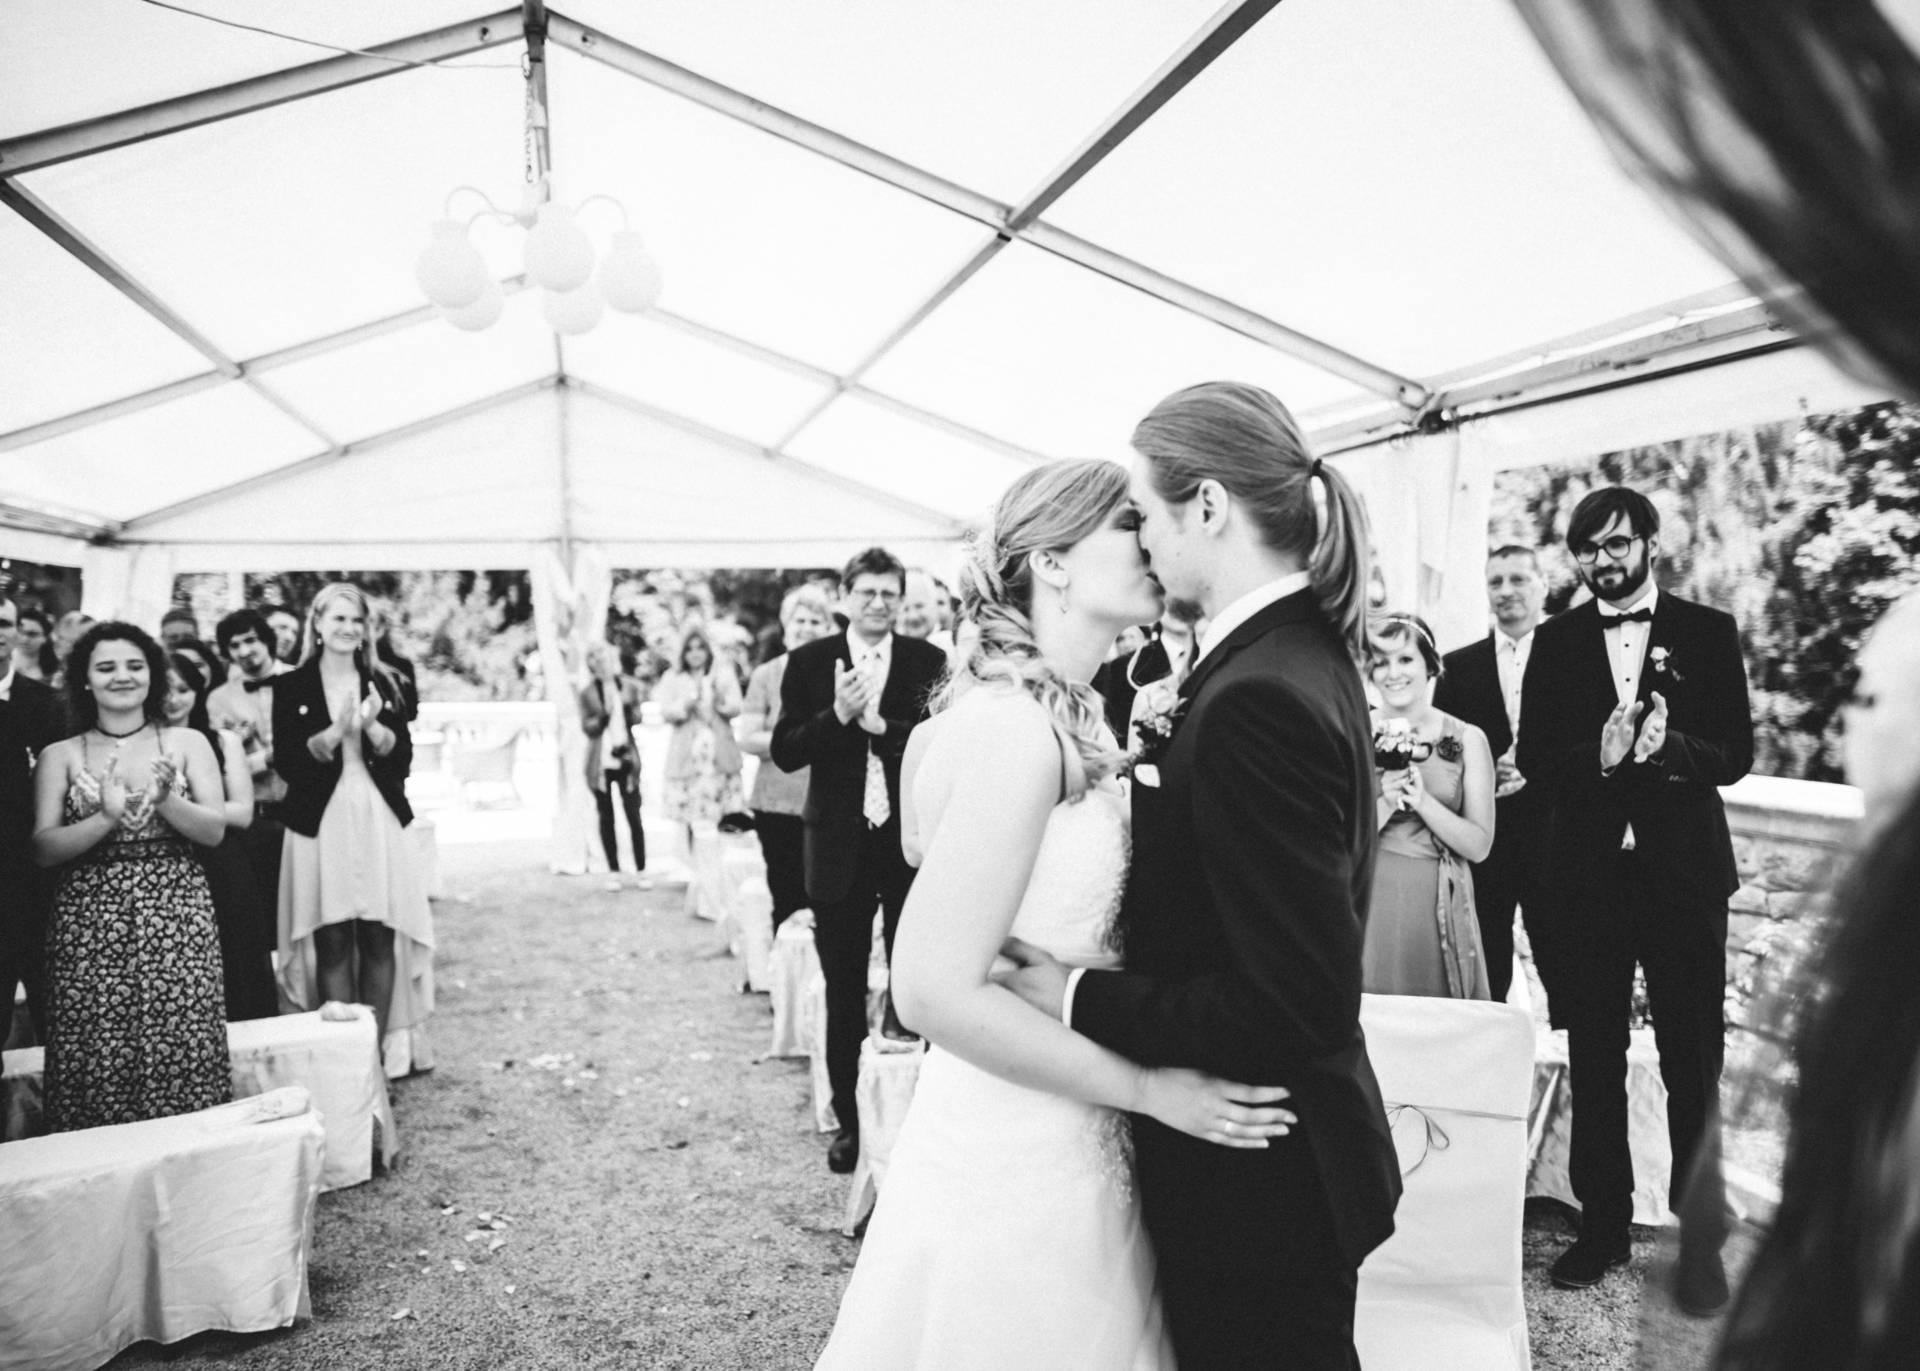 50mmfreunde Hochzeit Poesneck VillaAltenburg 14 - Freie Trauung in der Villa Altenburg